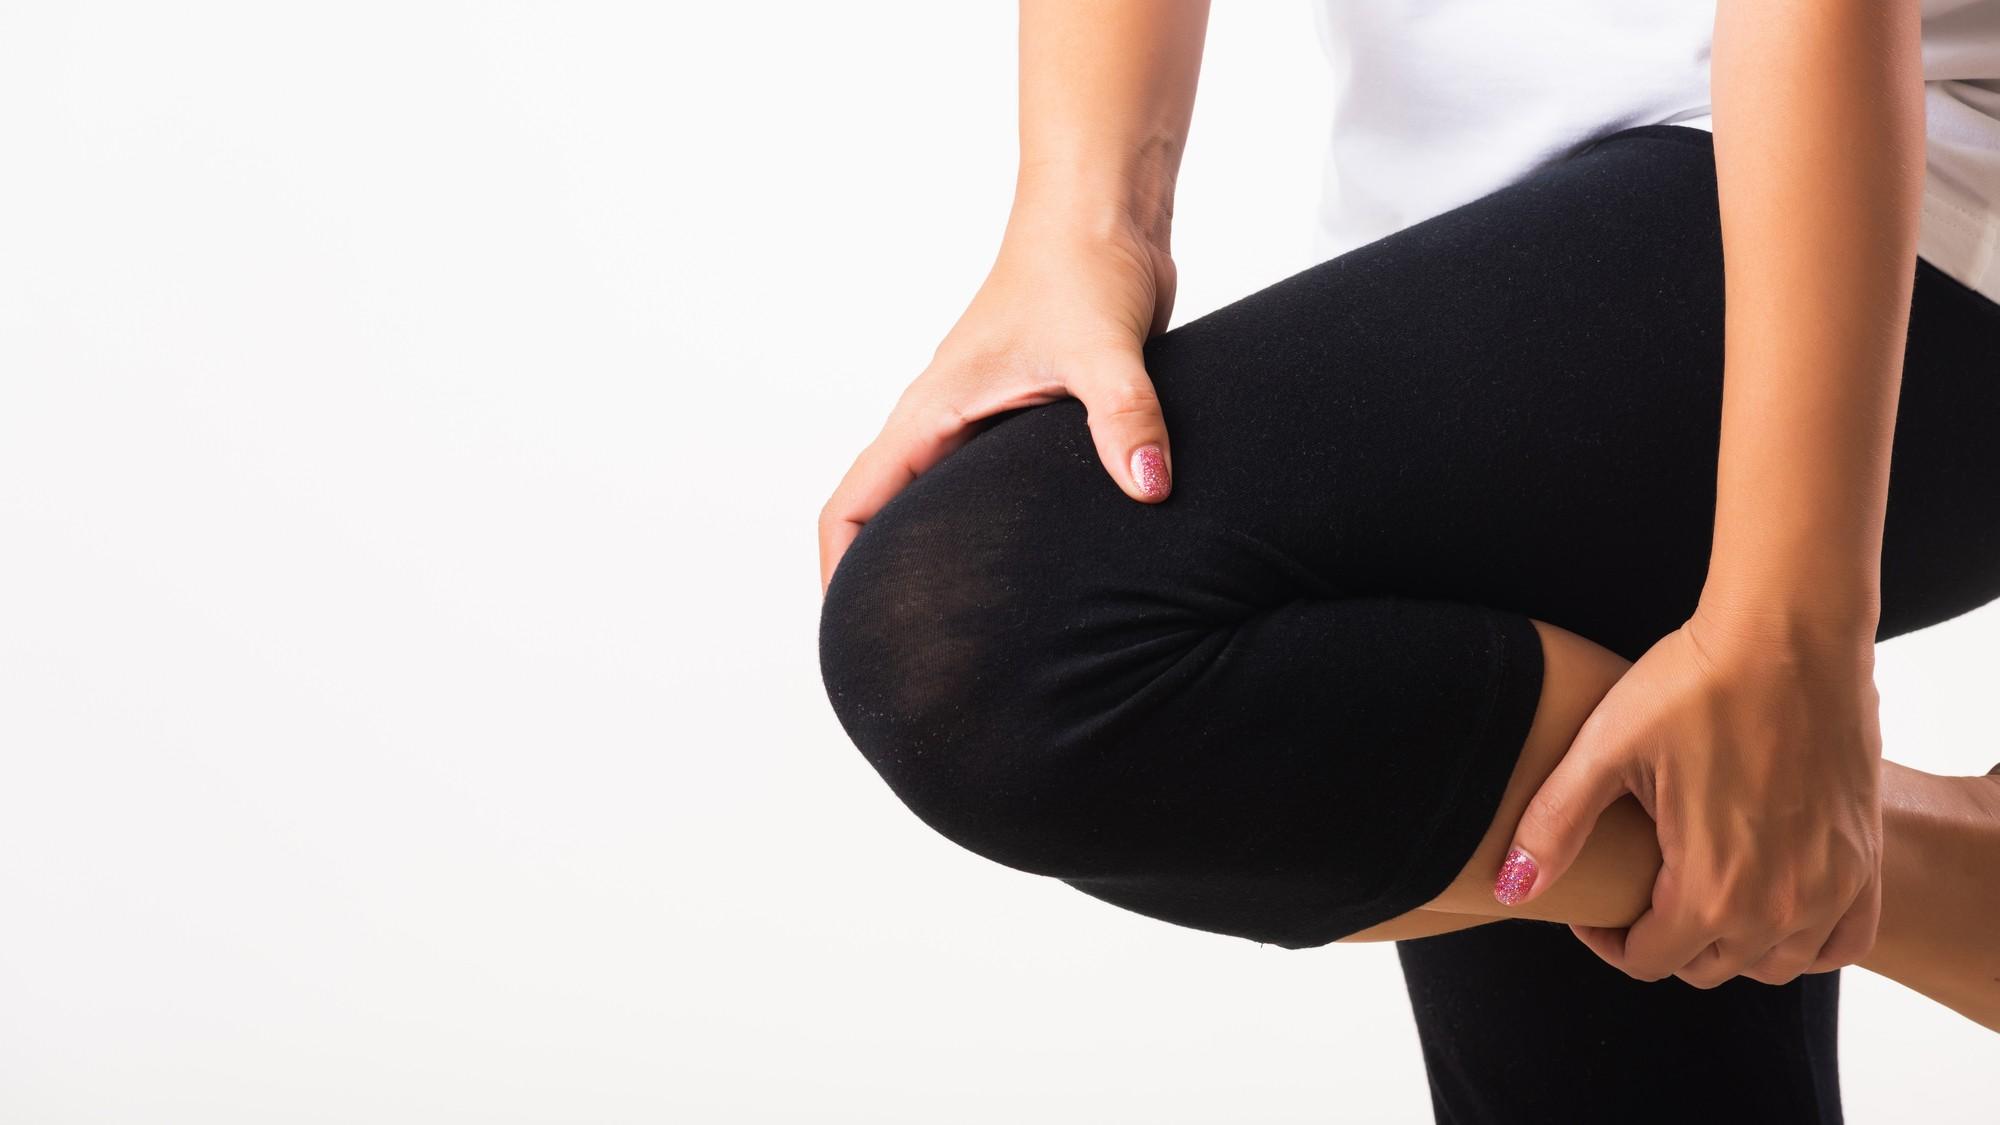 なぜ「ひざ」は痛むのか?多彩な原因と治療法を解説